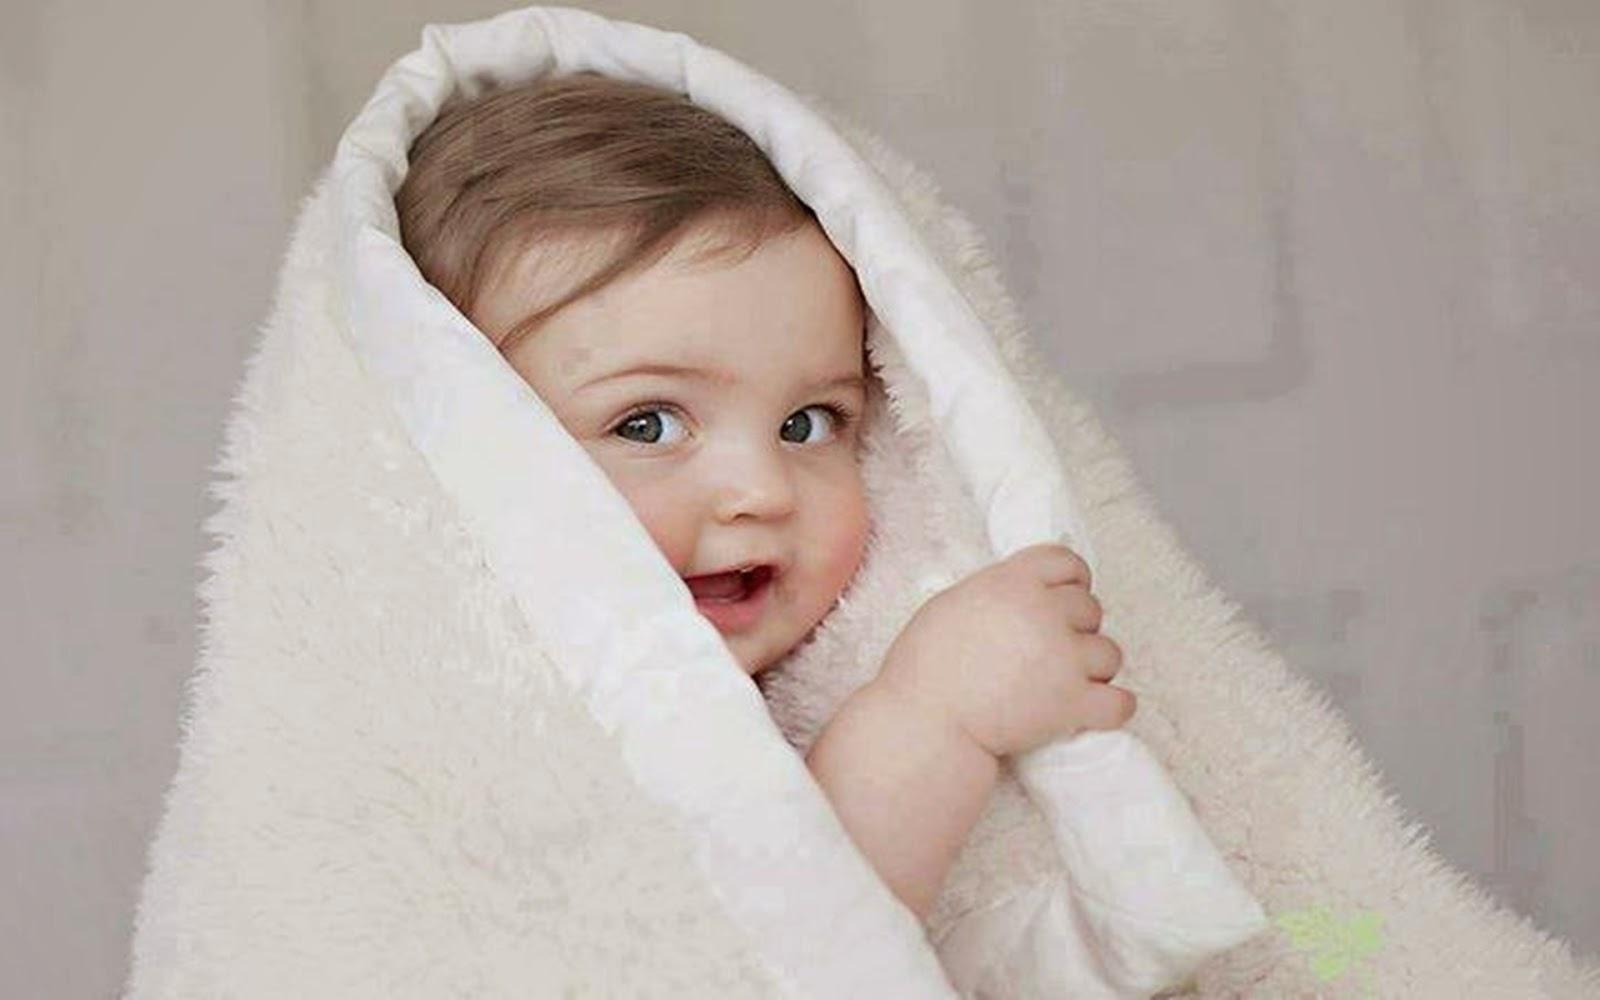 بالصور صور عن الاطفال , خلفيات حلوة عن الاطفال 3925 5